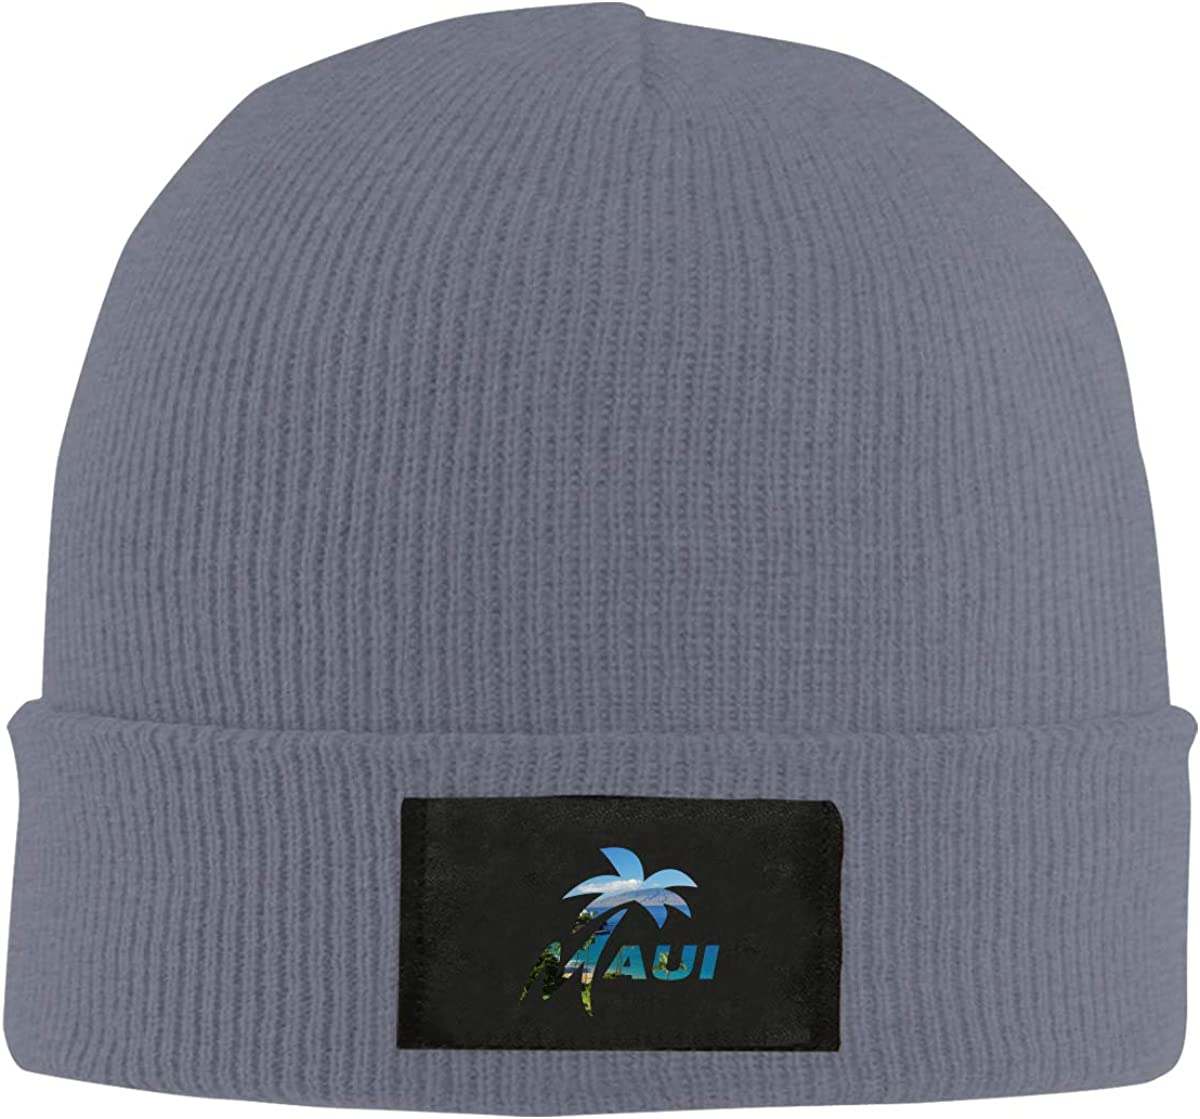 Maui Hawaiian Men /& Womens Knitted Hat Comfortable Skull Cap